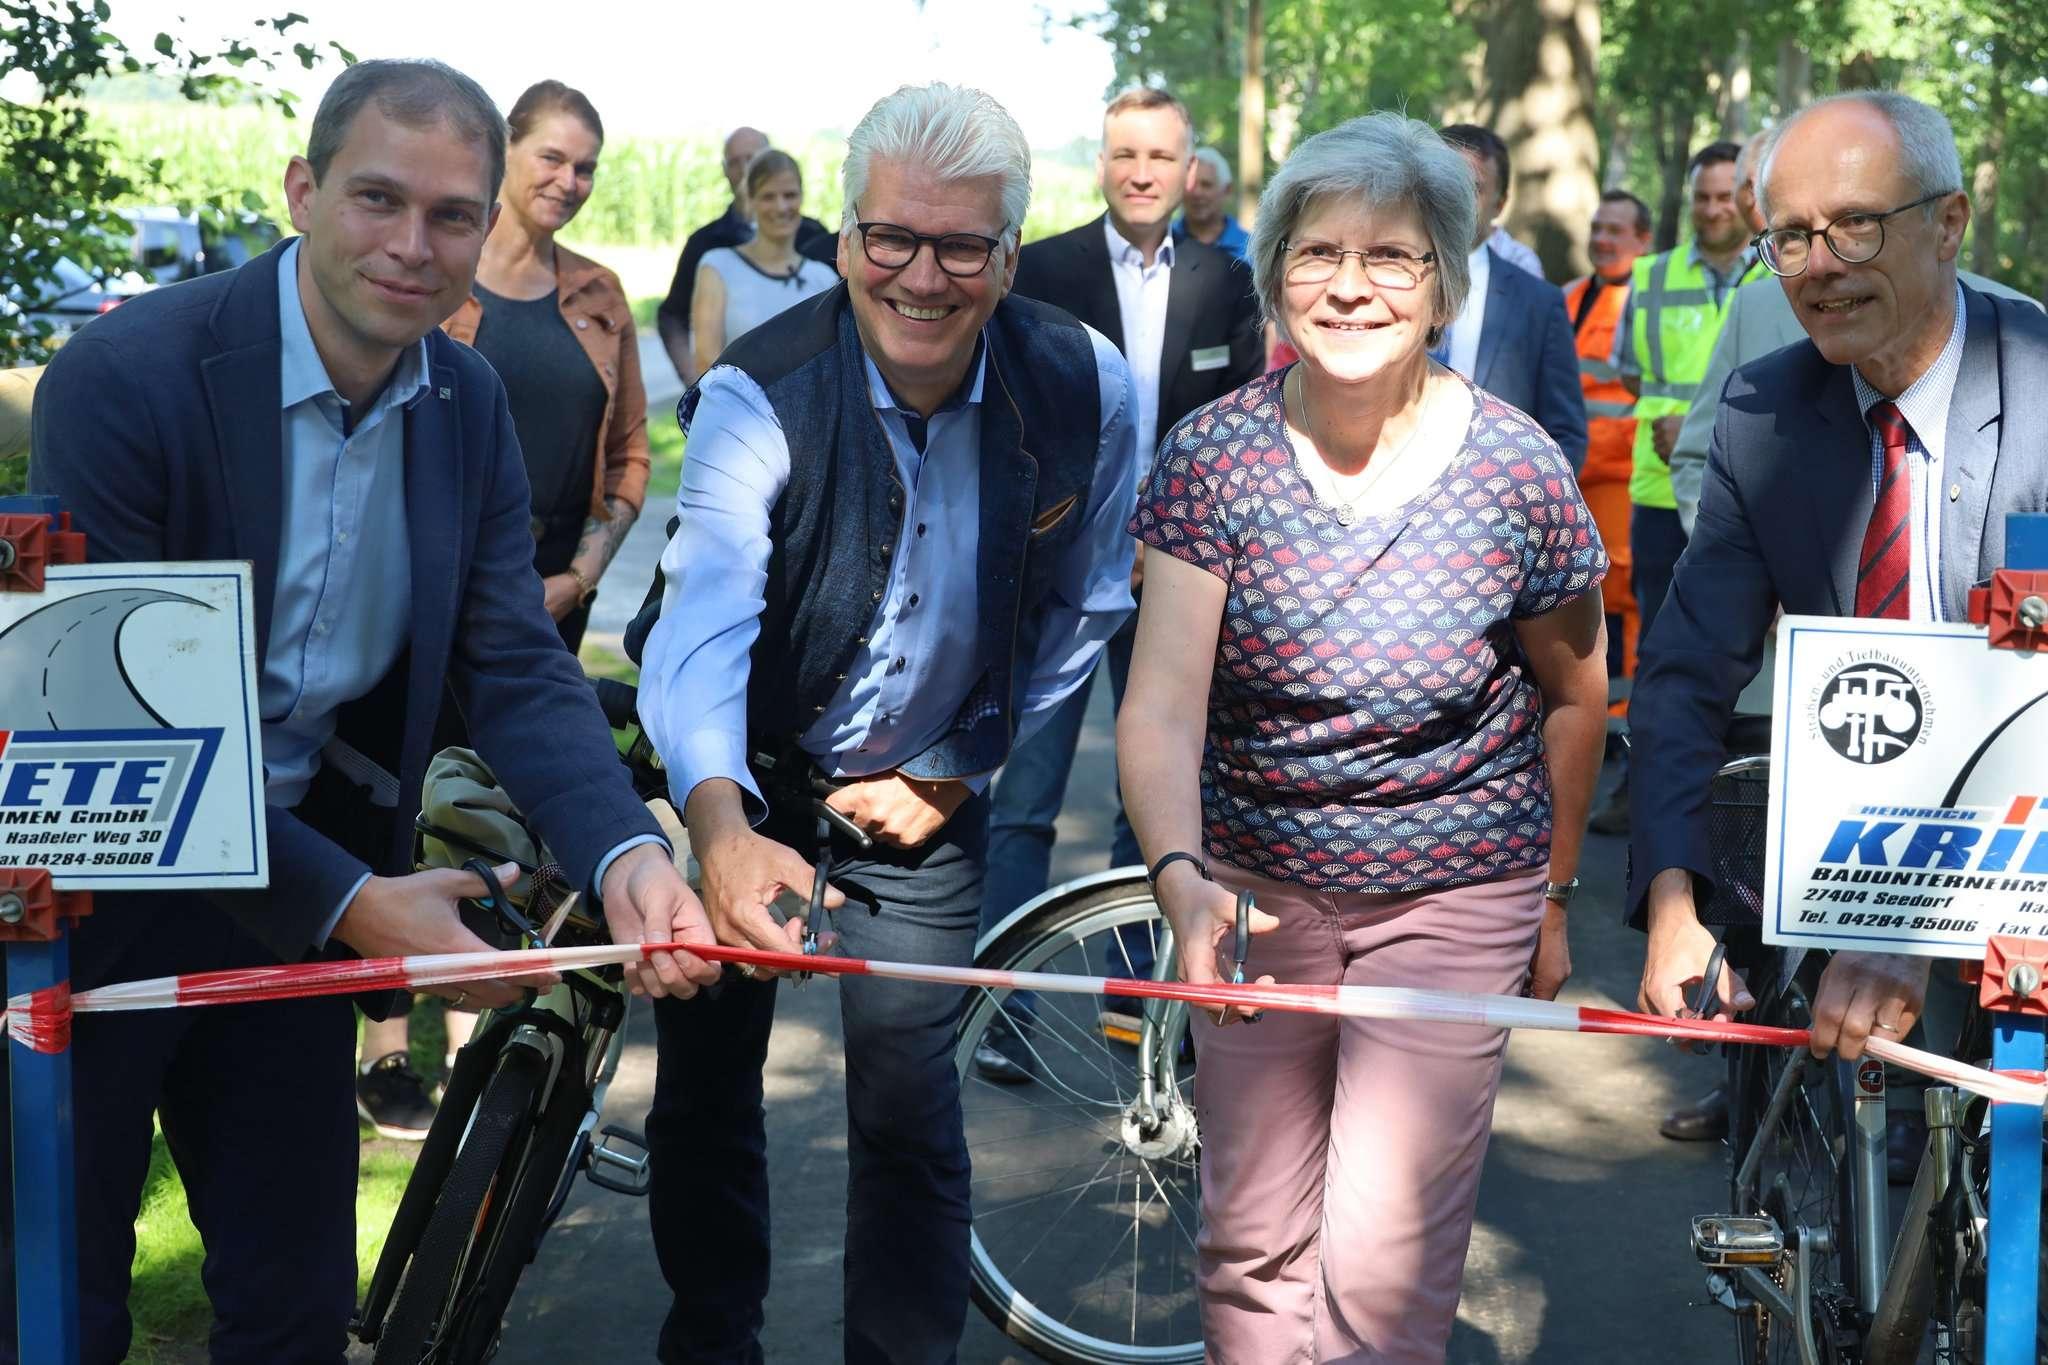 Der CDU-Landtagsabgeordnete Eike Holsten (von links), Ralf Goebel, Ursula Hoppe und Hermann Luttmann schneiden das Band für den Radweg durch. Foto: Henning Leeske